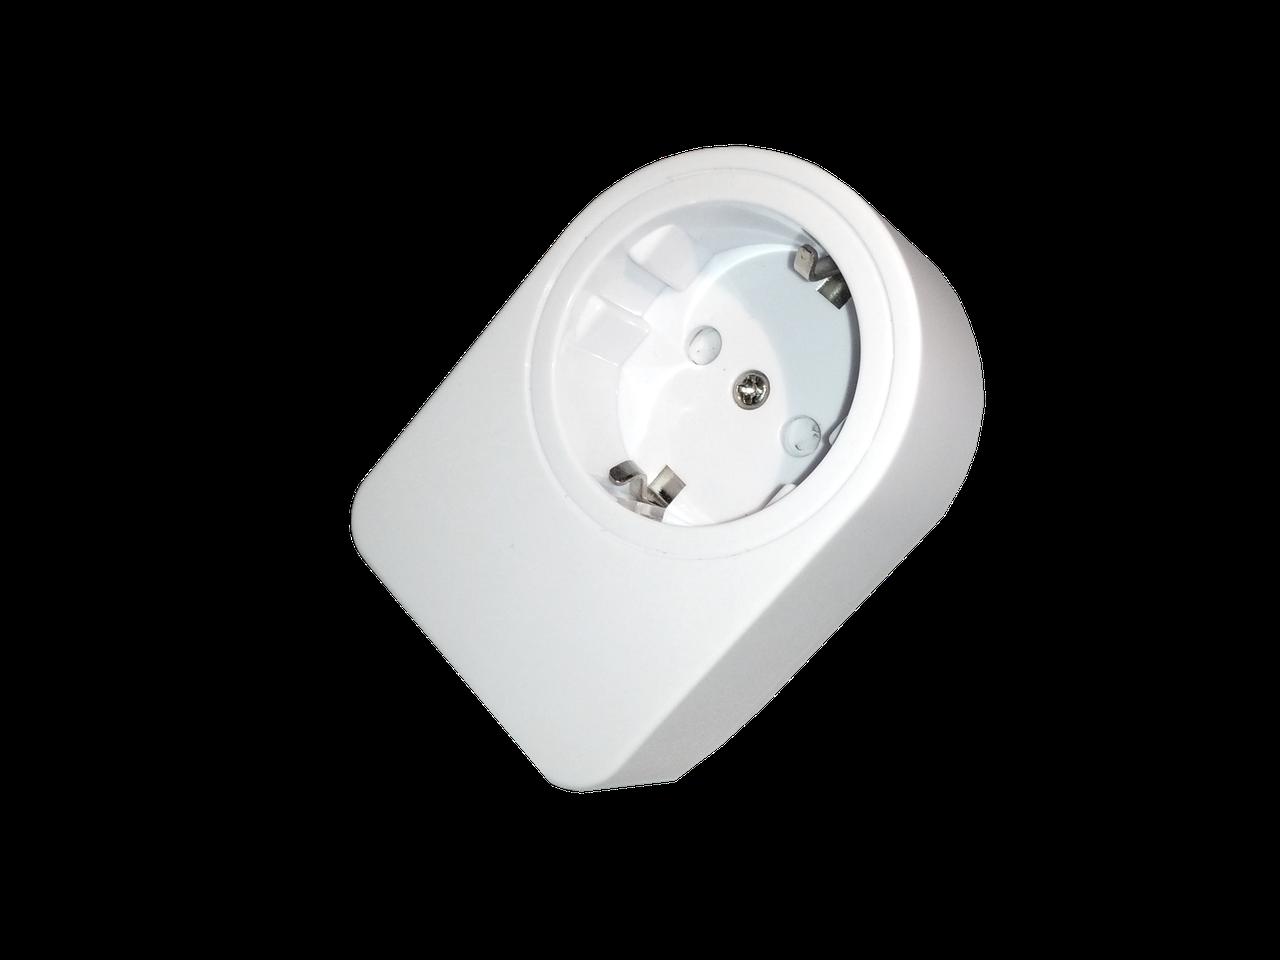 Розеточный выключатель Z-Wave со счетчиком электроэнергии - AEO_SES3_EU